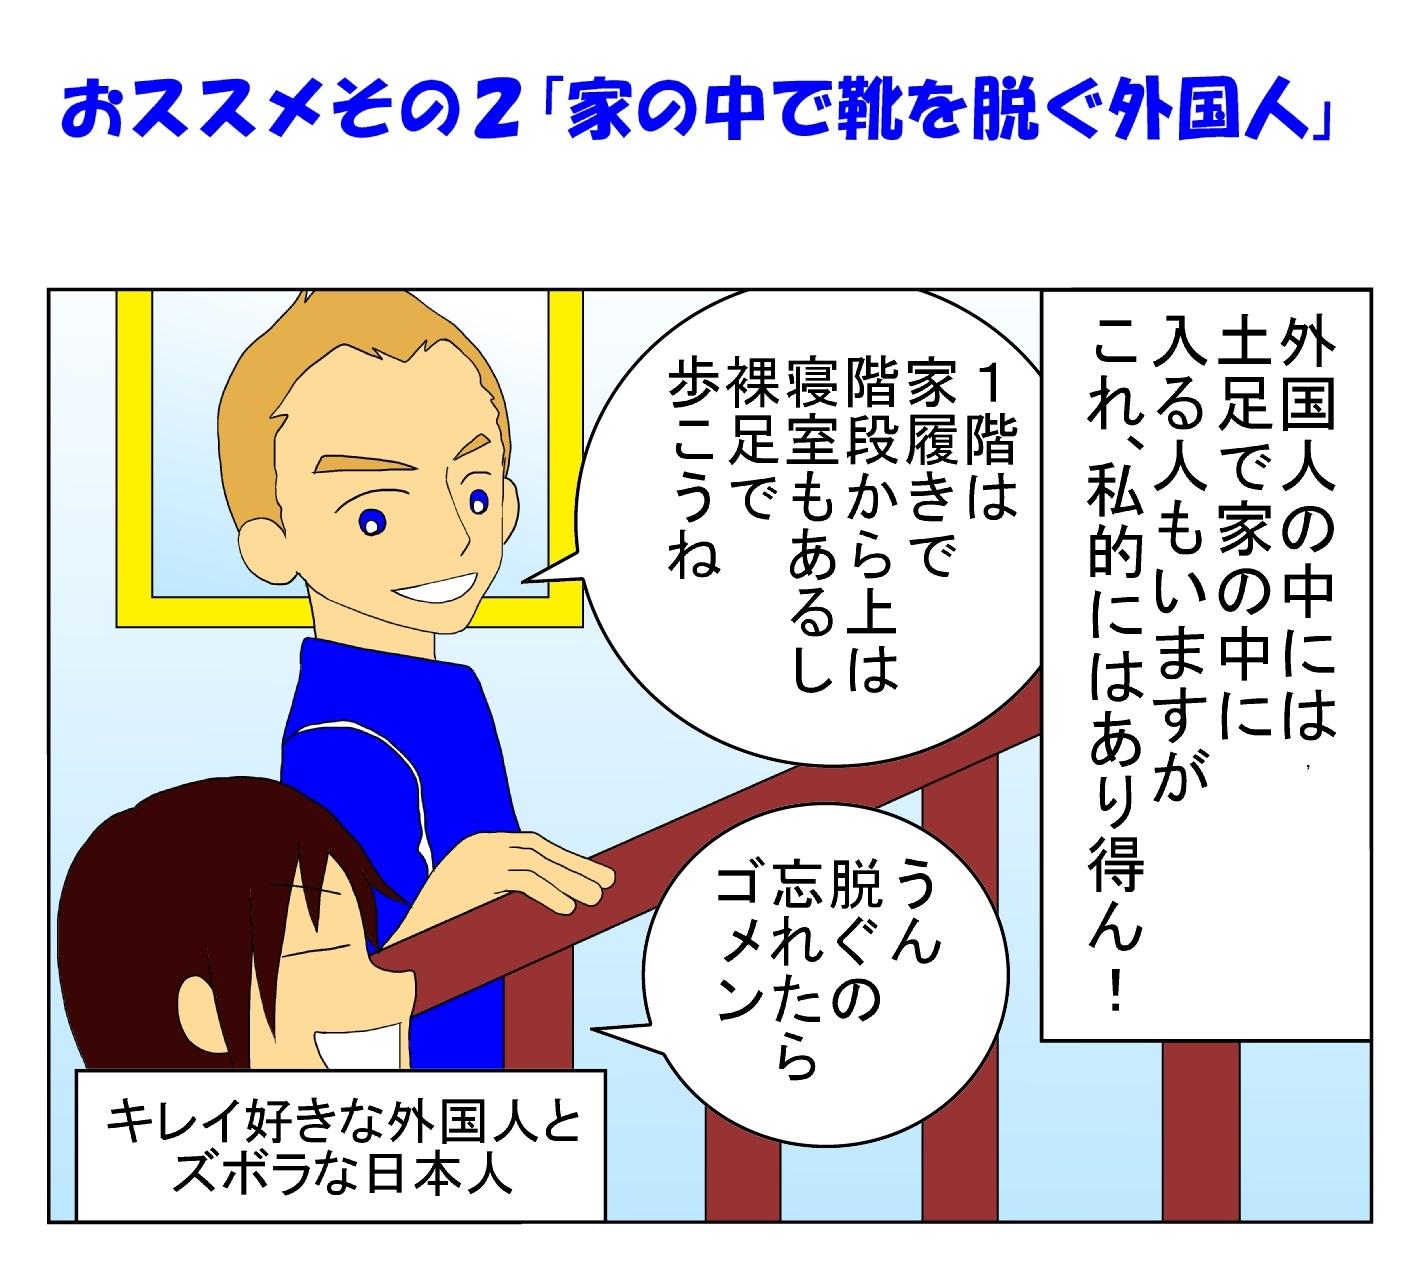 konkatsu4